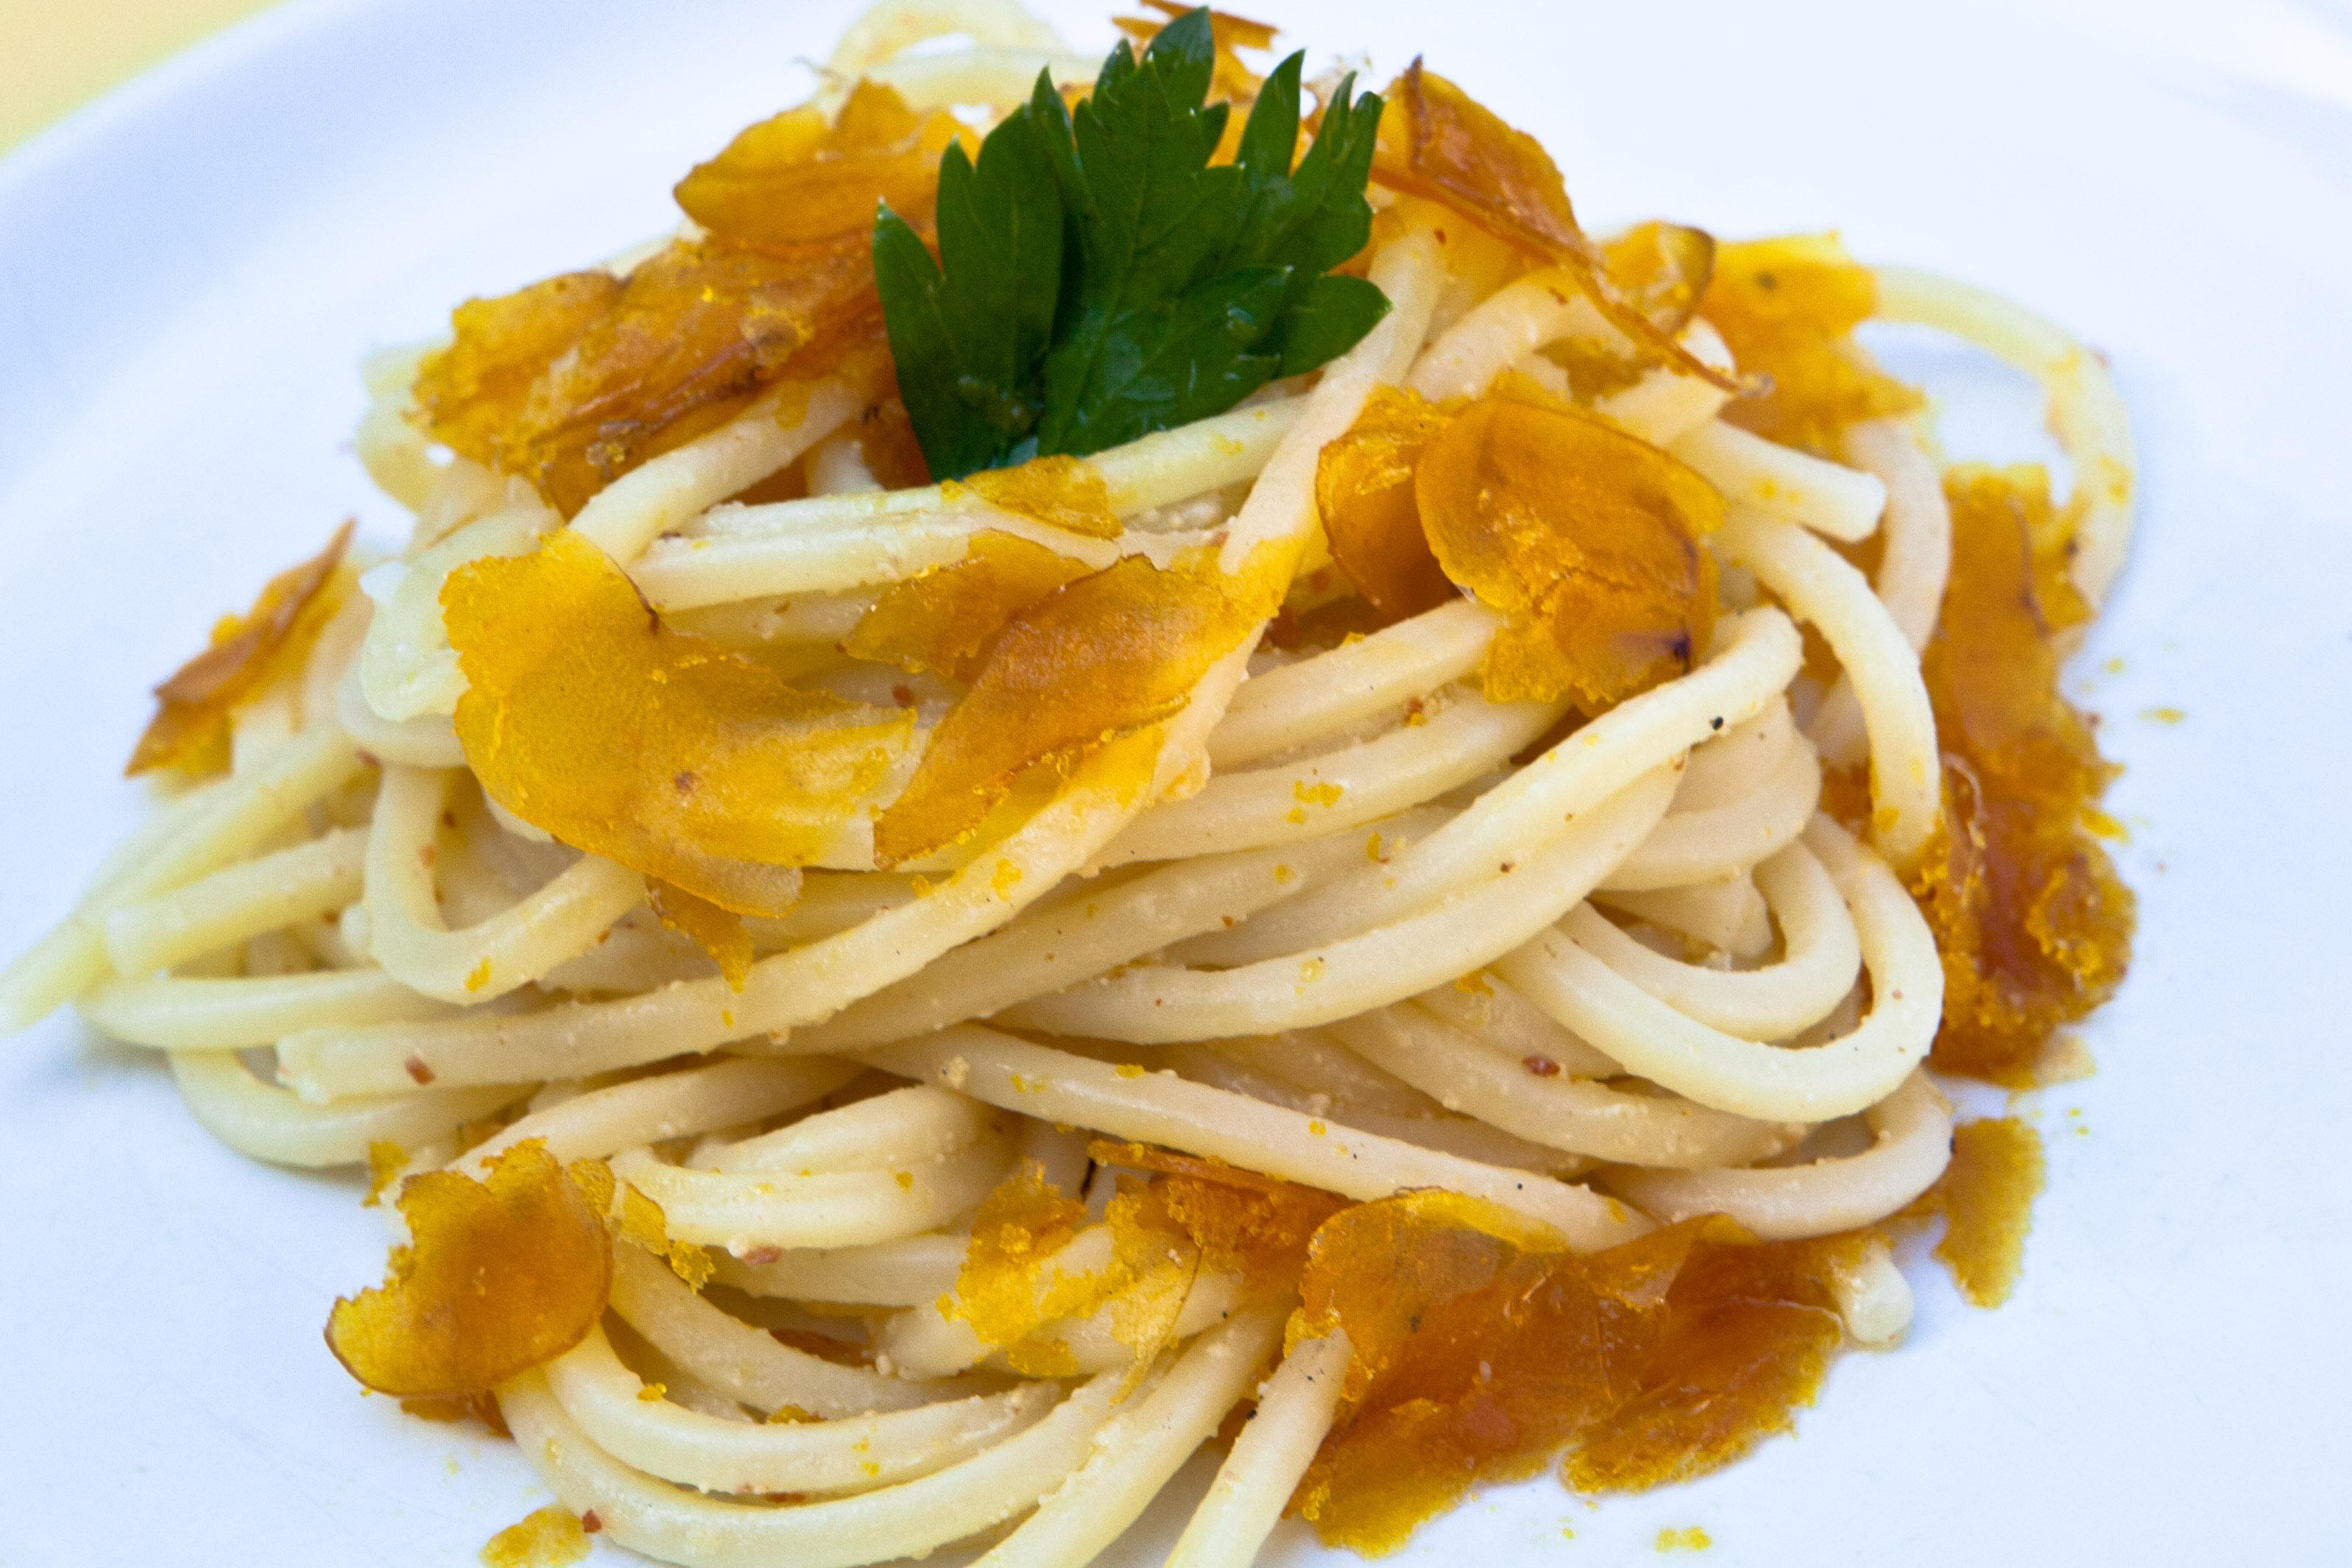 spaghetti alla bottarga di spaghetti con bottarga di spaghetti fatto